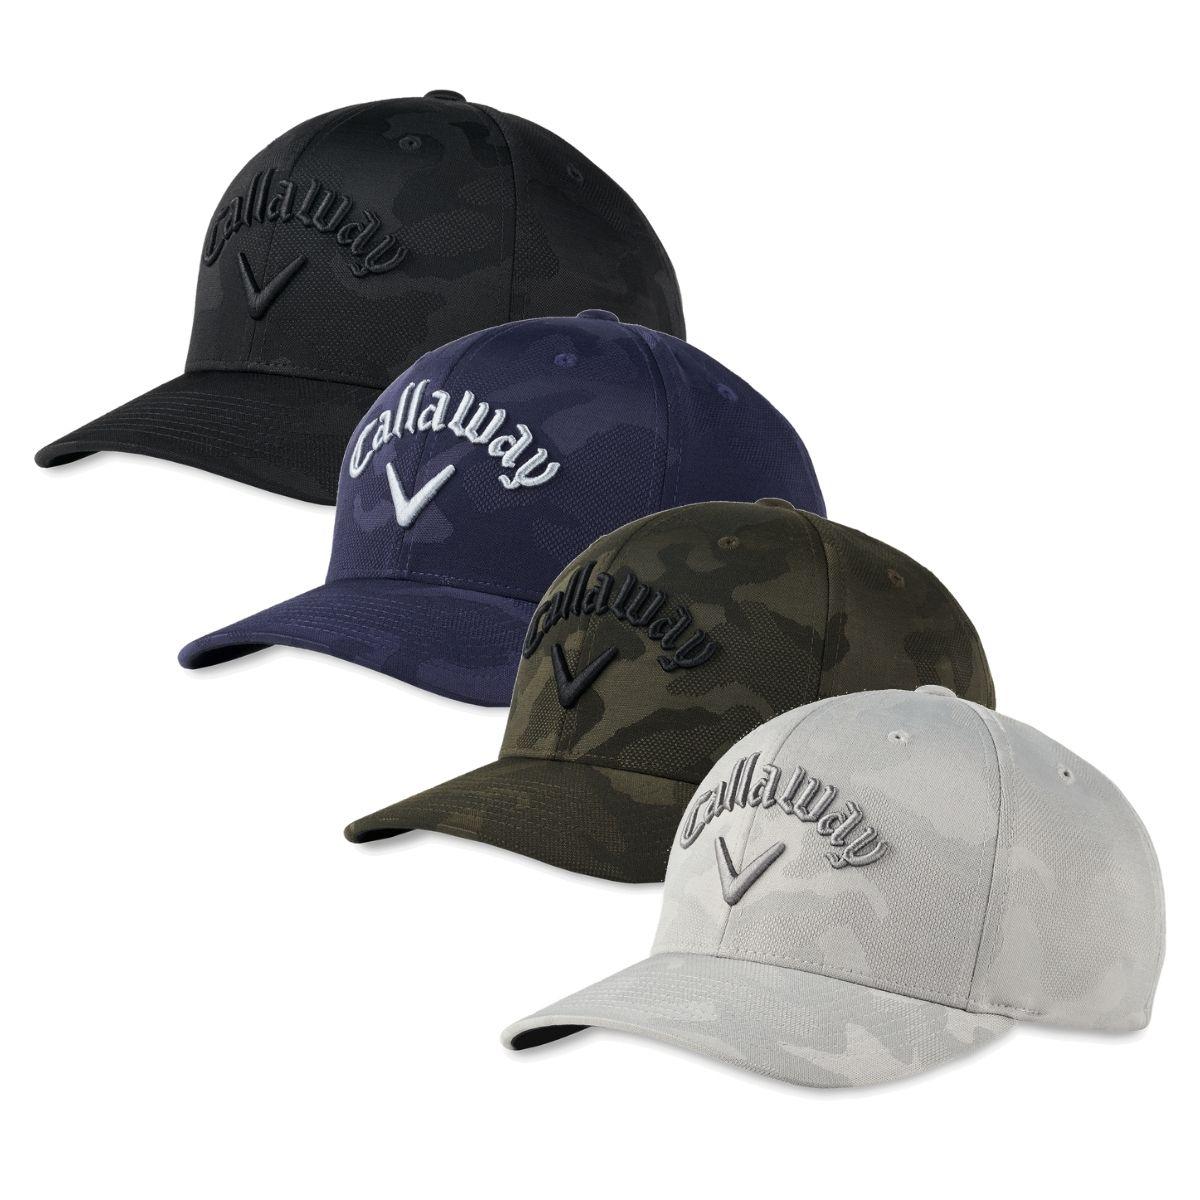 Callaway Men's 2021 Camo Flexfit Snapback Hat